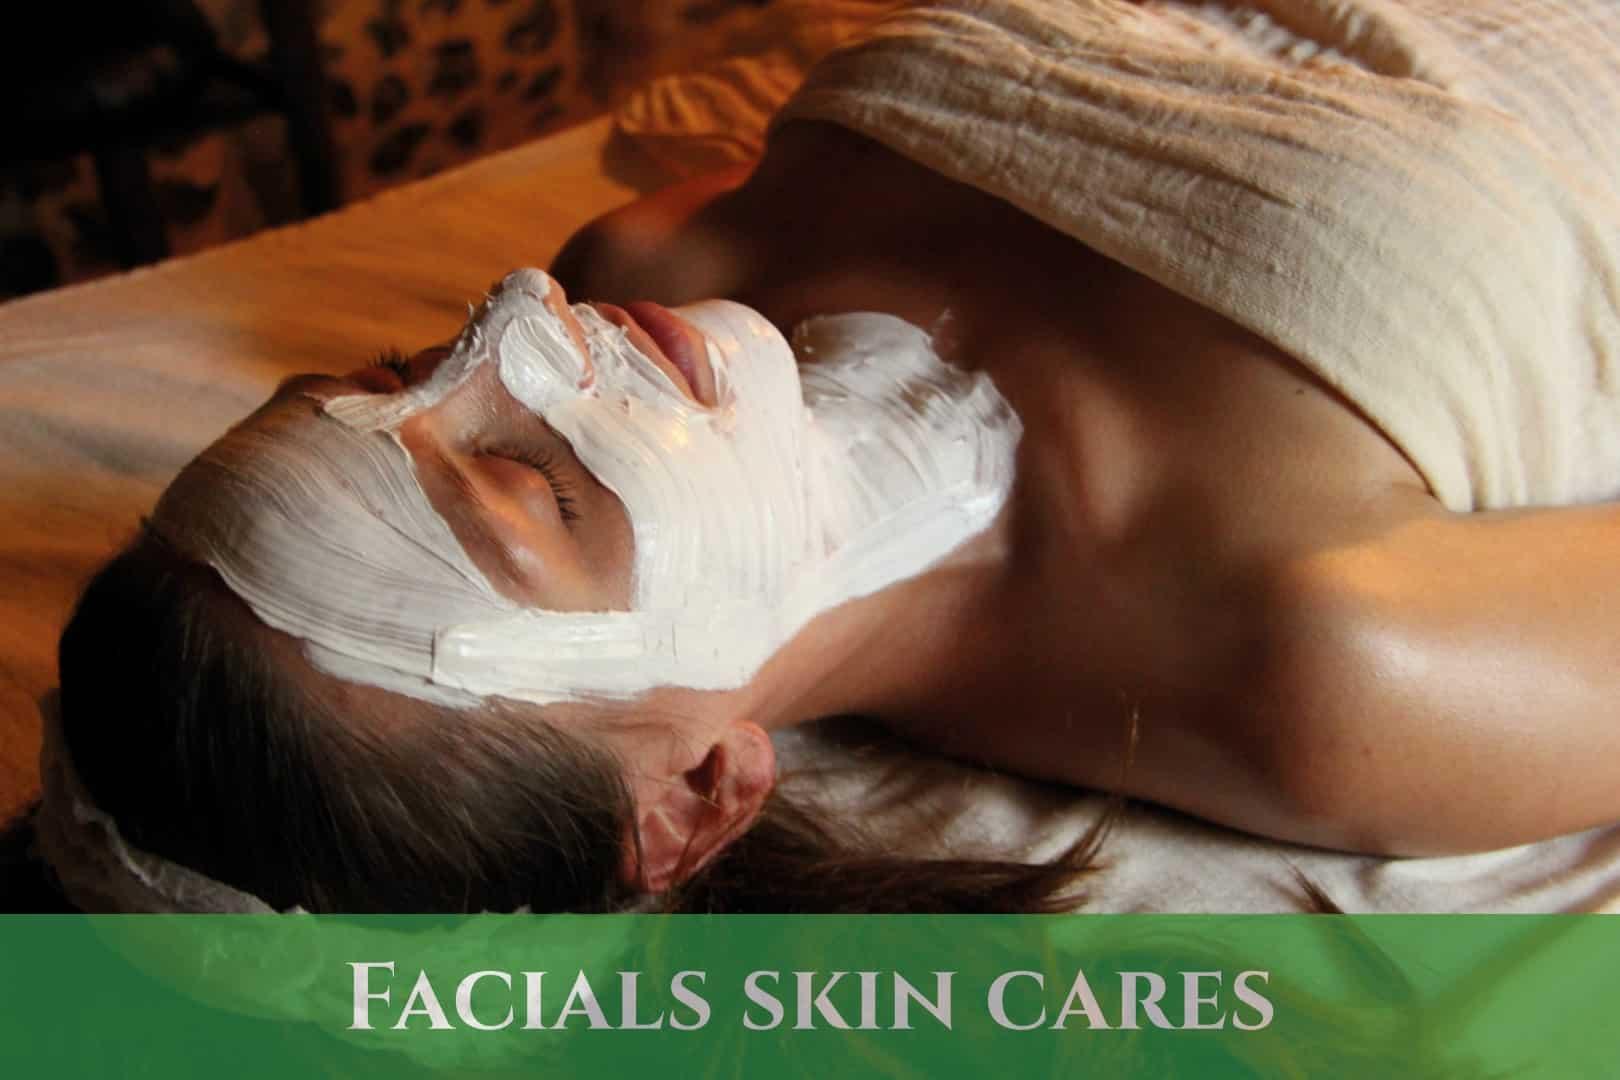 Facials skin cares_Pommenial de la Hérissonnière